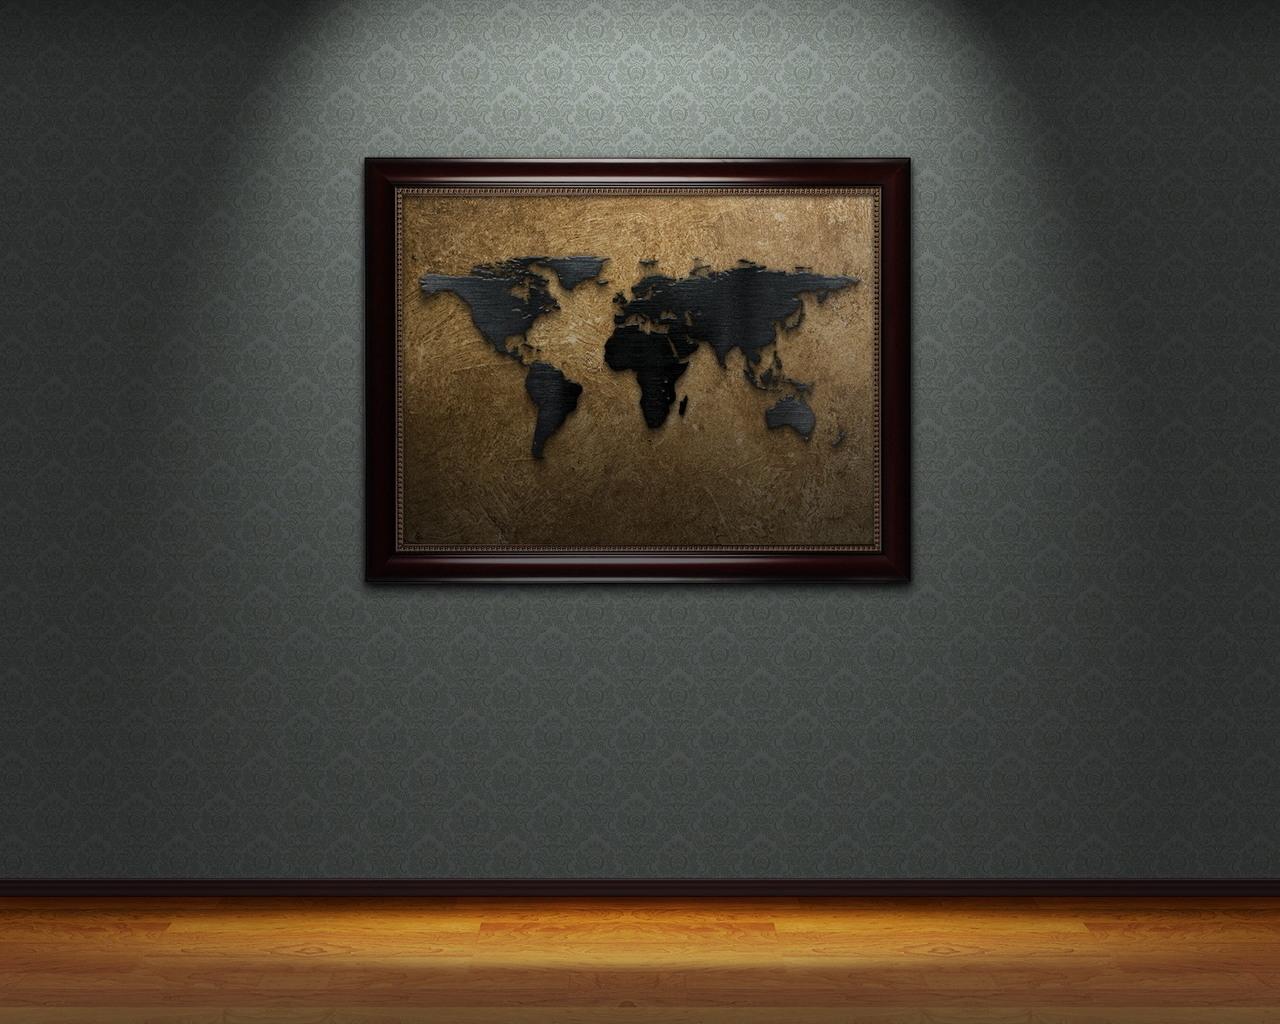 Hintergrundbilder : Malerei, dunkel, Mauer, braun, Platz, Welt ...